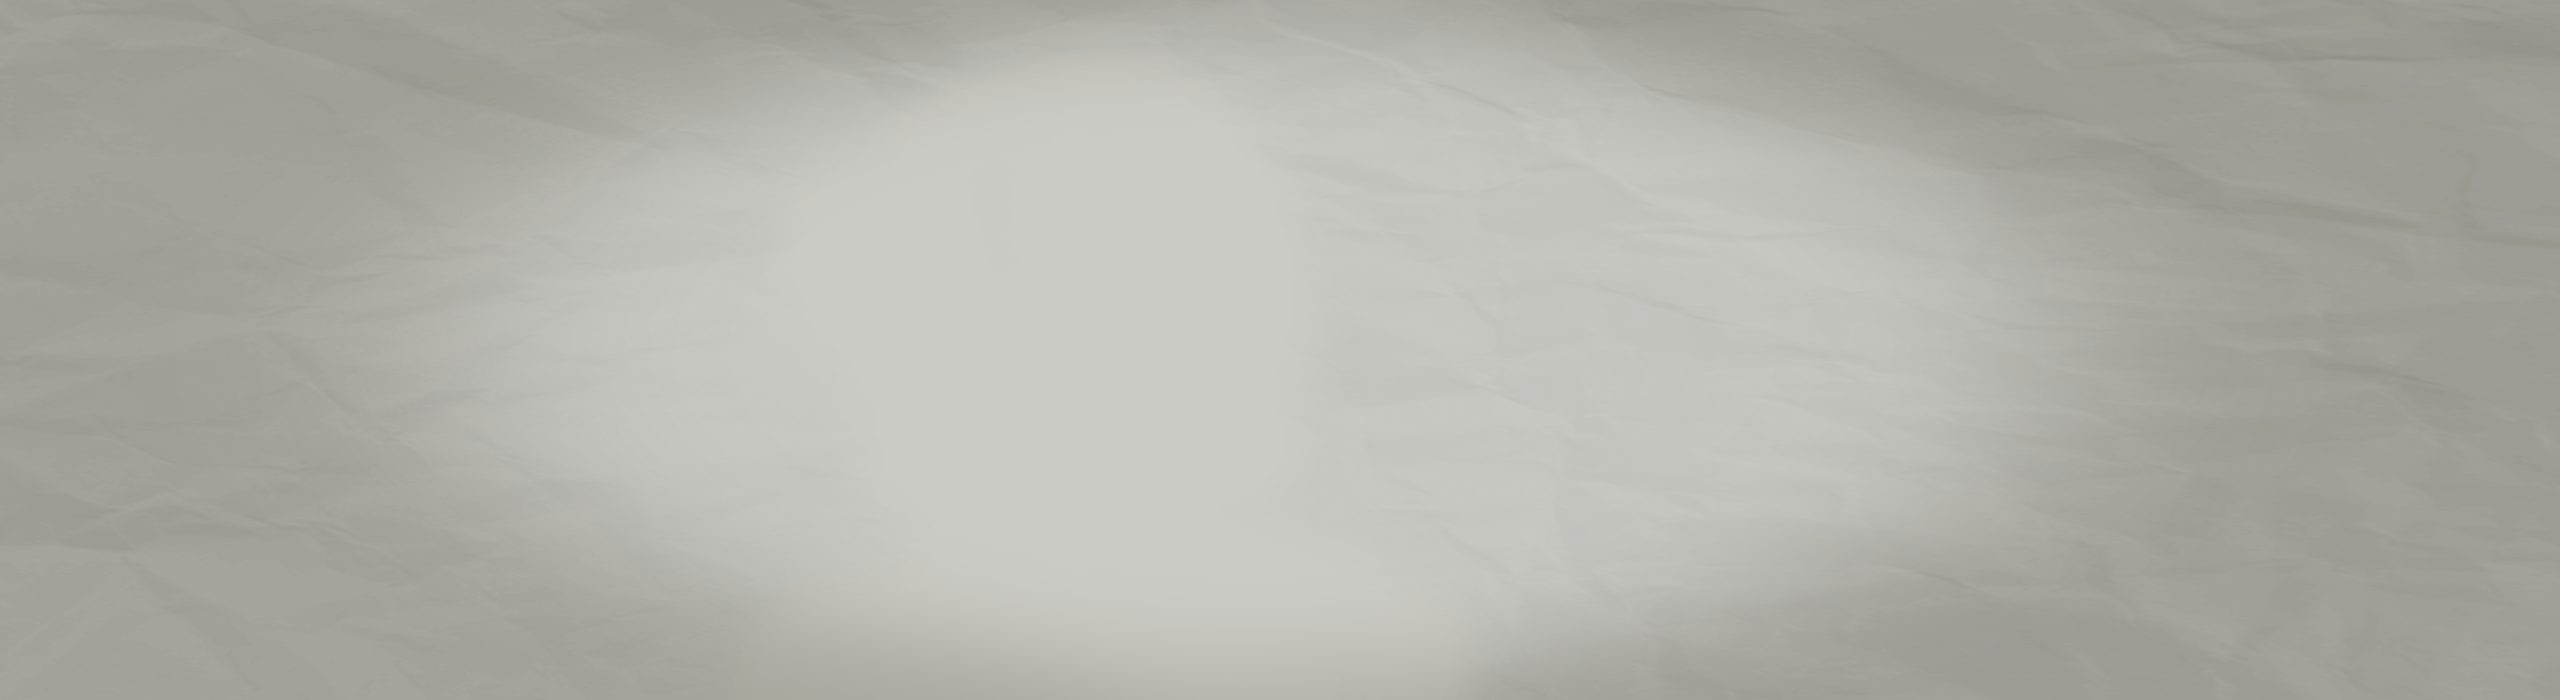 B12 Vital - grey slider background